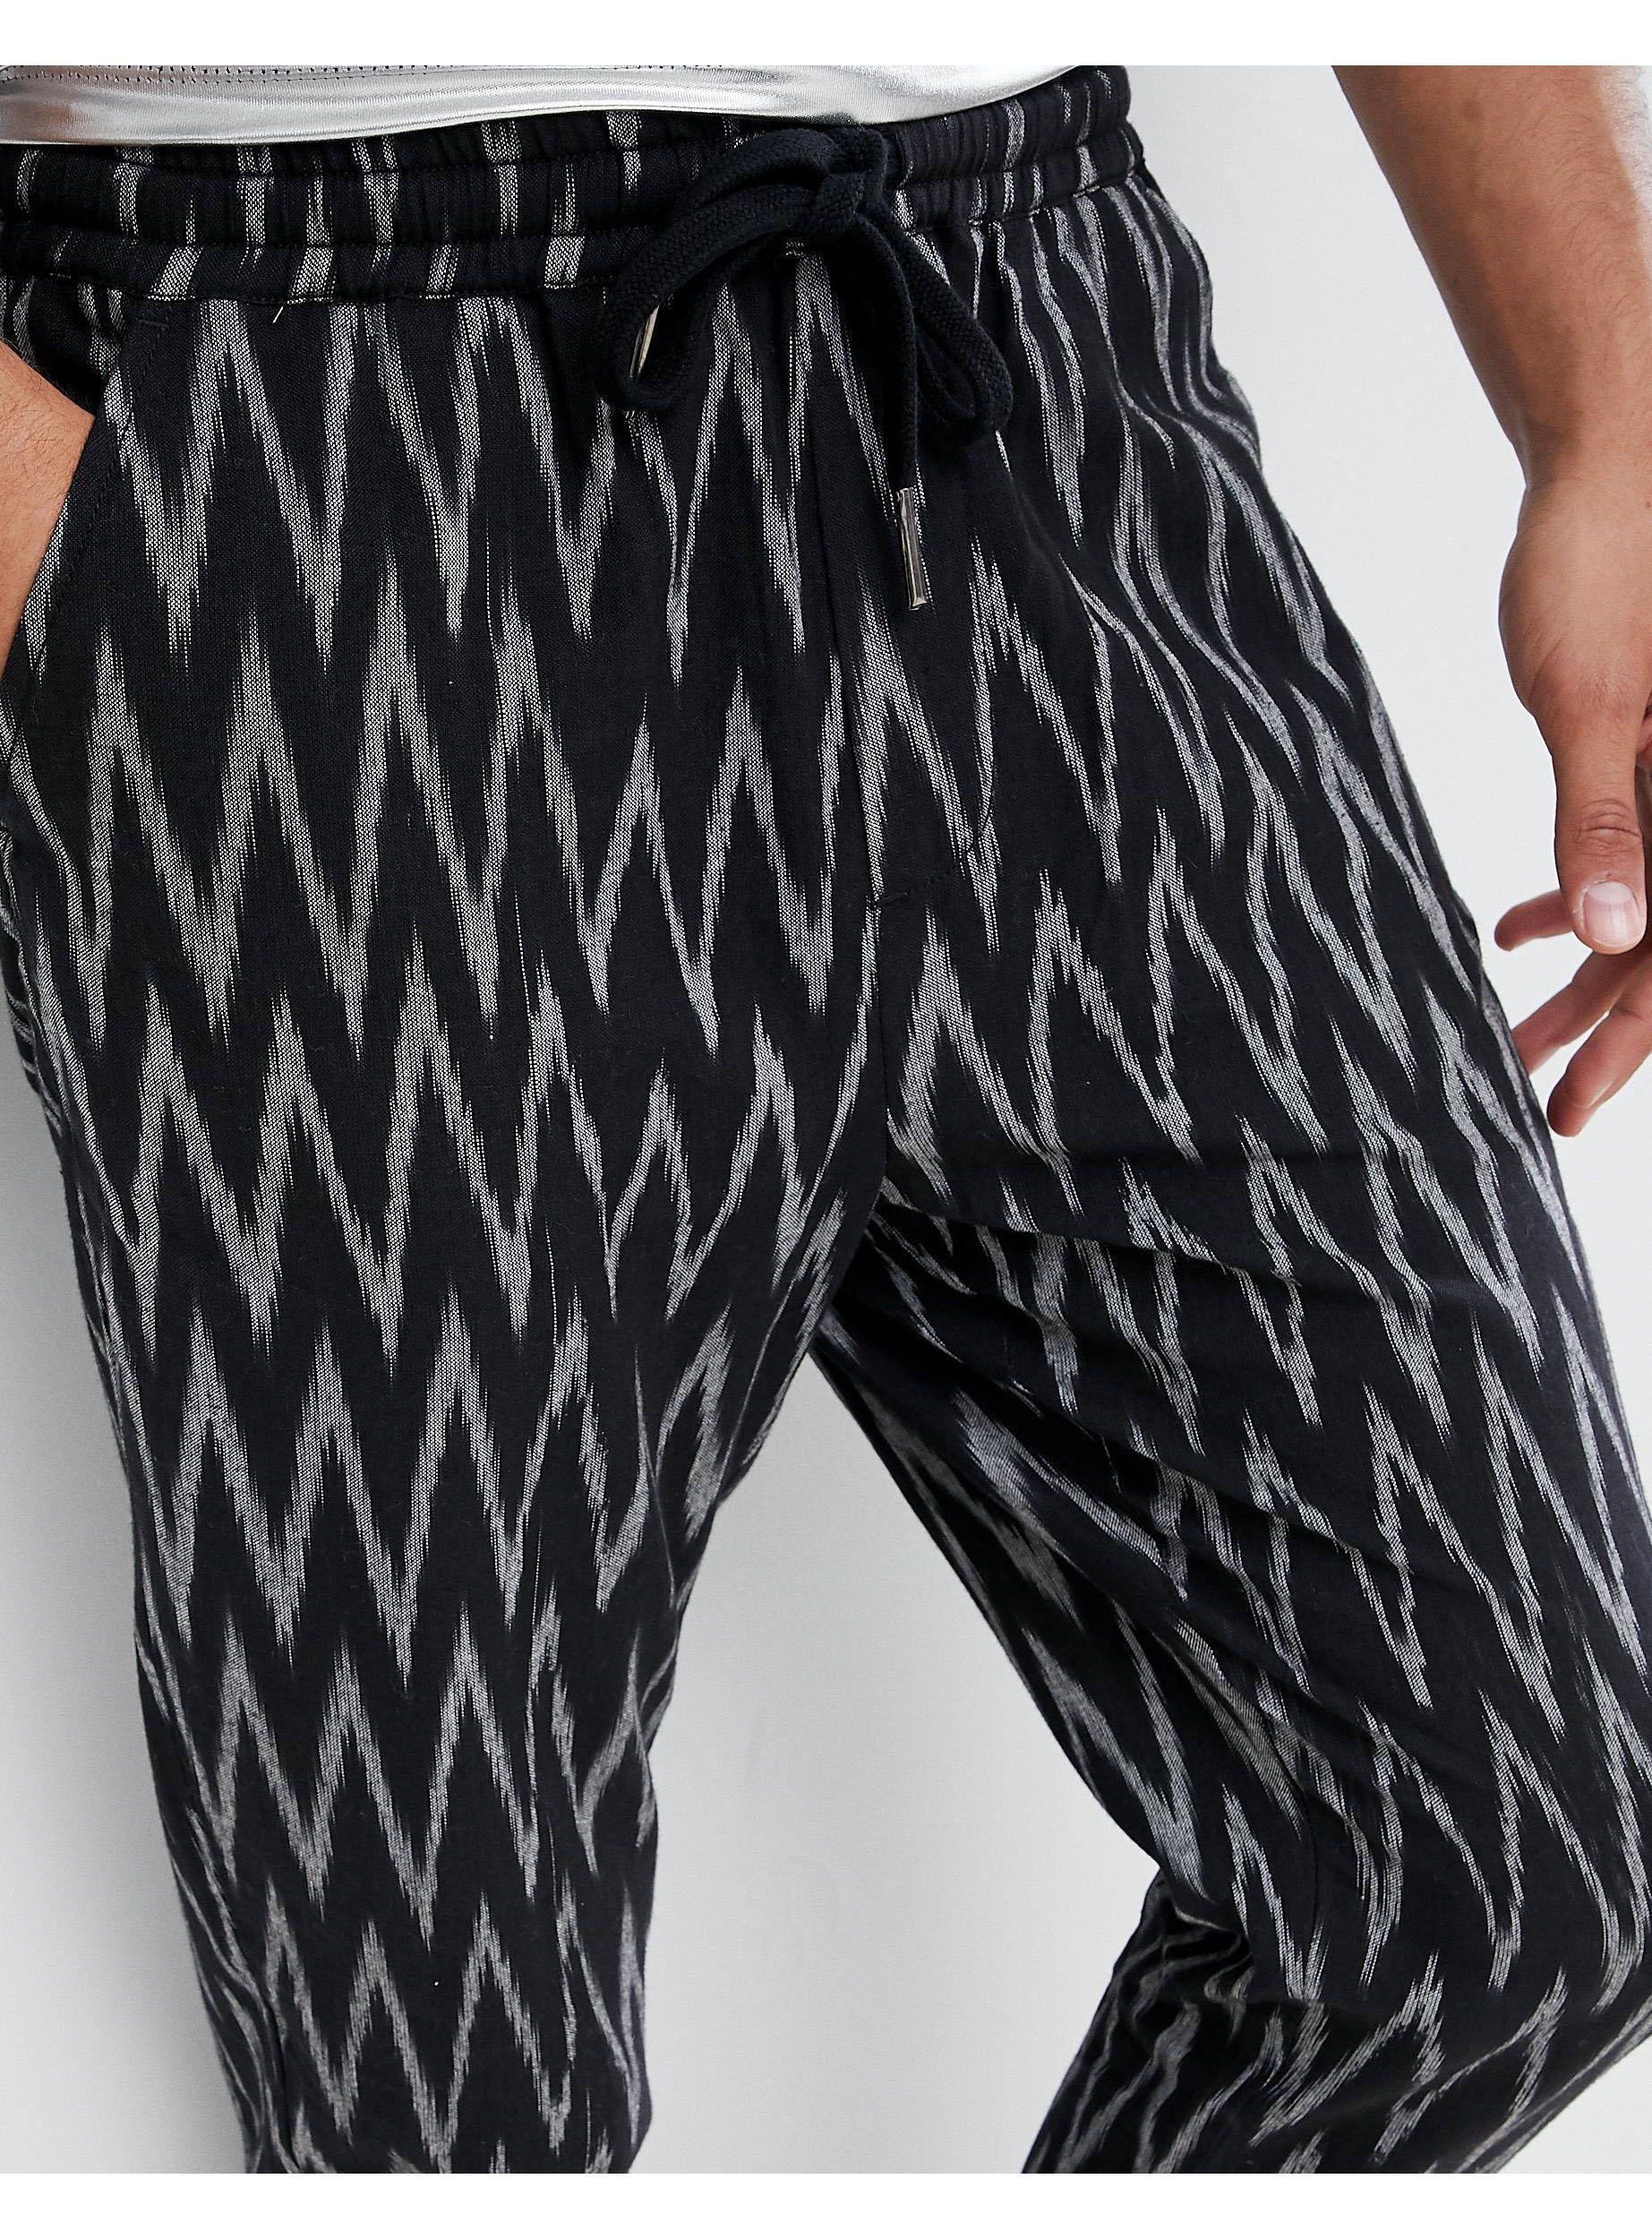 ASOS Denim Tall Festival Tapered Trousers in Black for Men